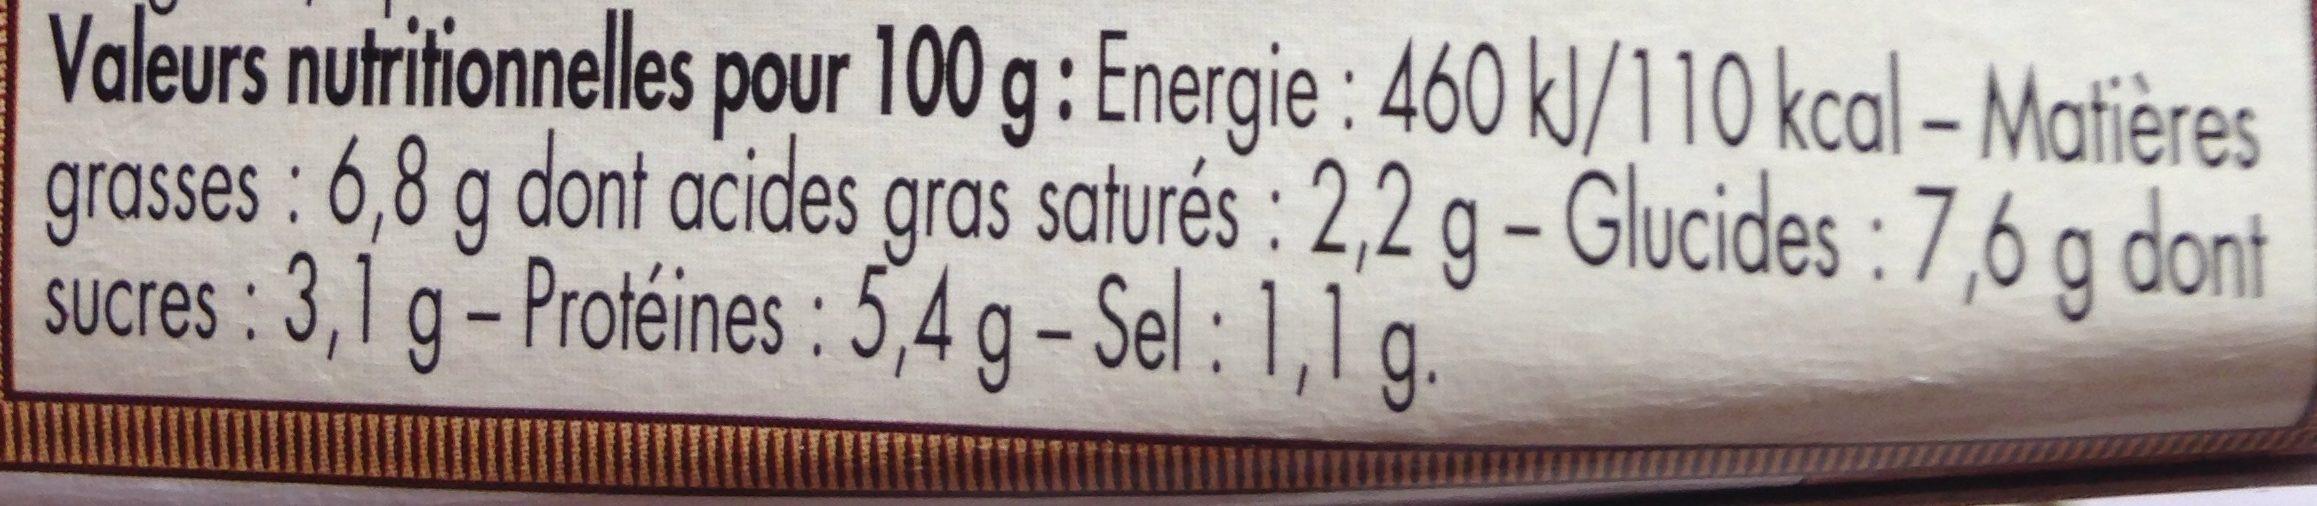 Petite Marmite De Langoustines Aux Pleurotes - Nutrition facts